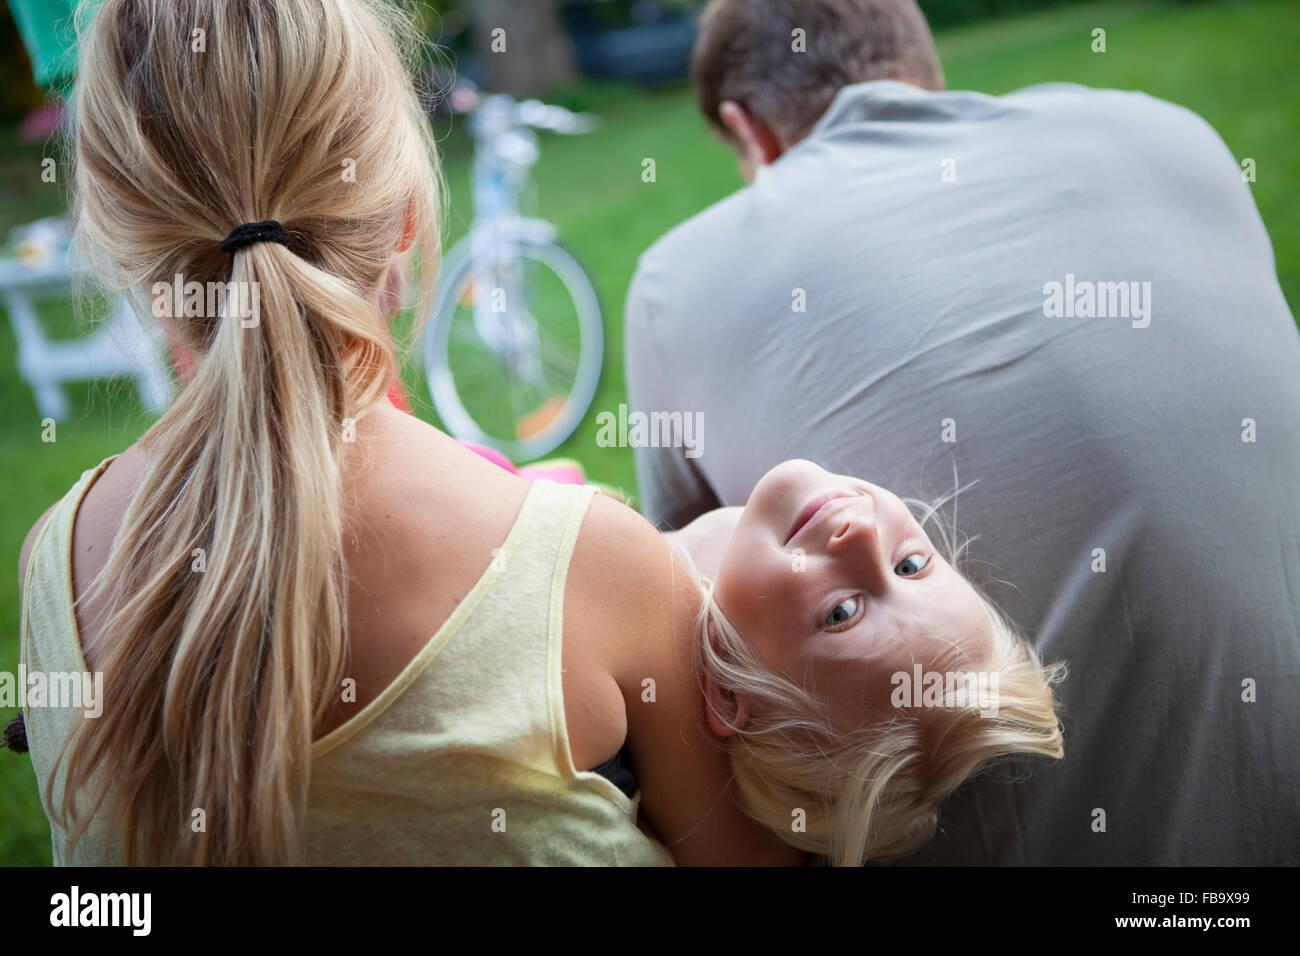 Schweden, Närke, Filipshyttan, Porträt von Mädchen (6-7, 14-15) mit Vater Stockbild